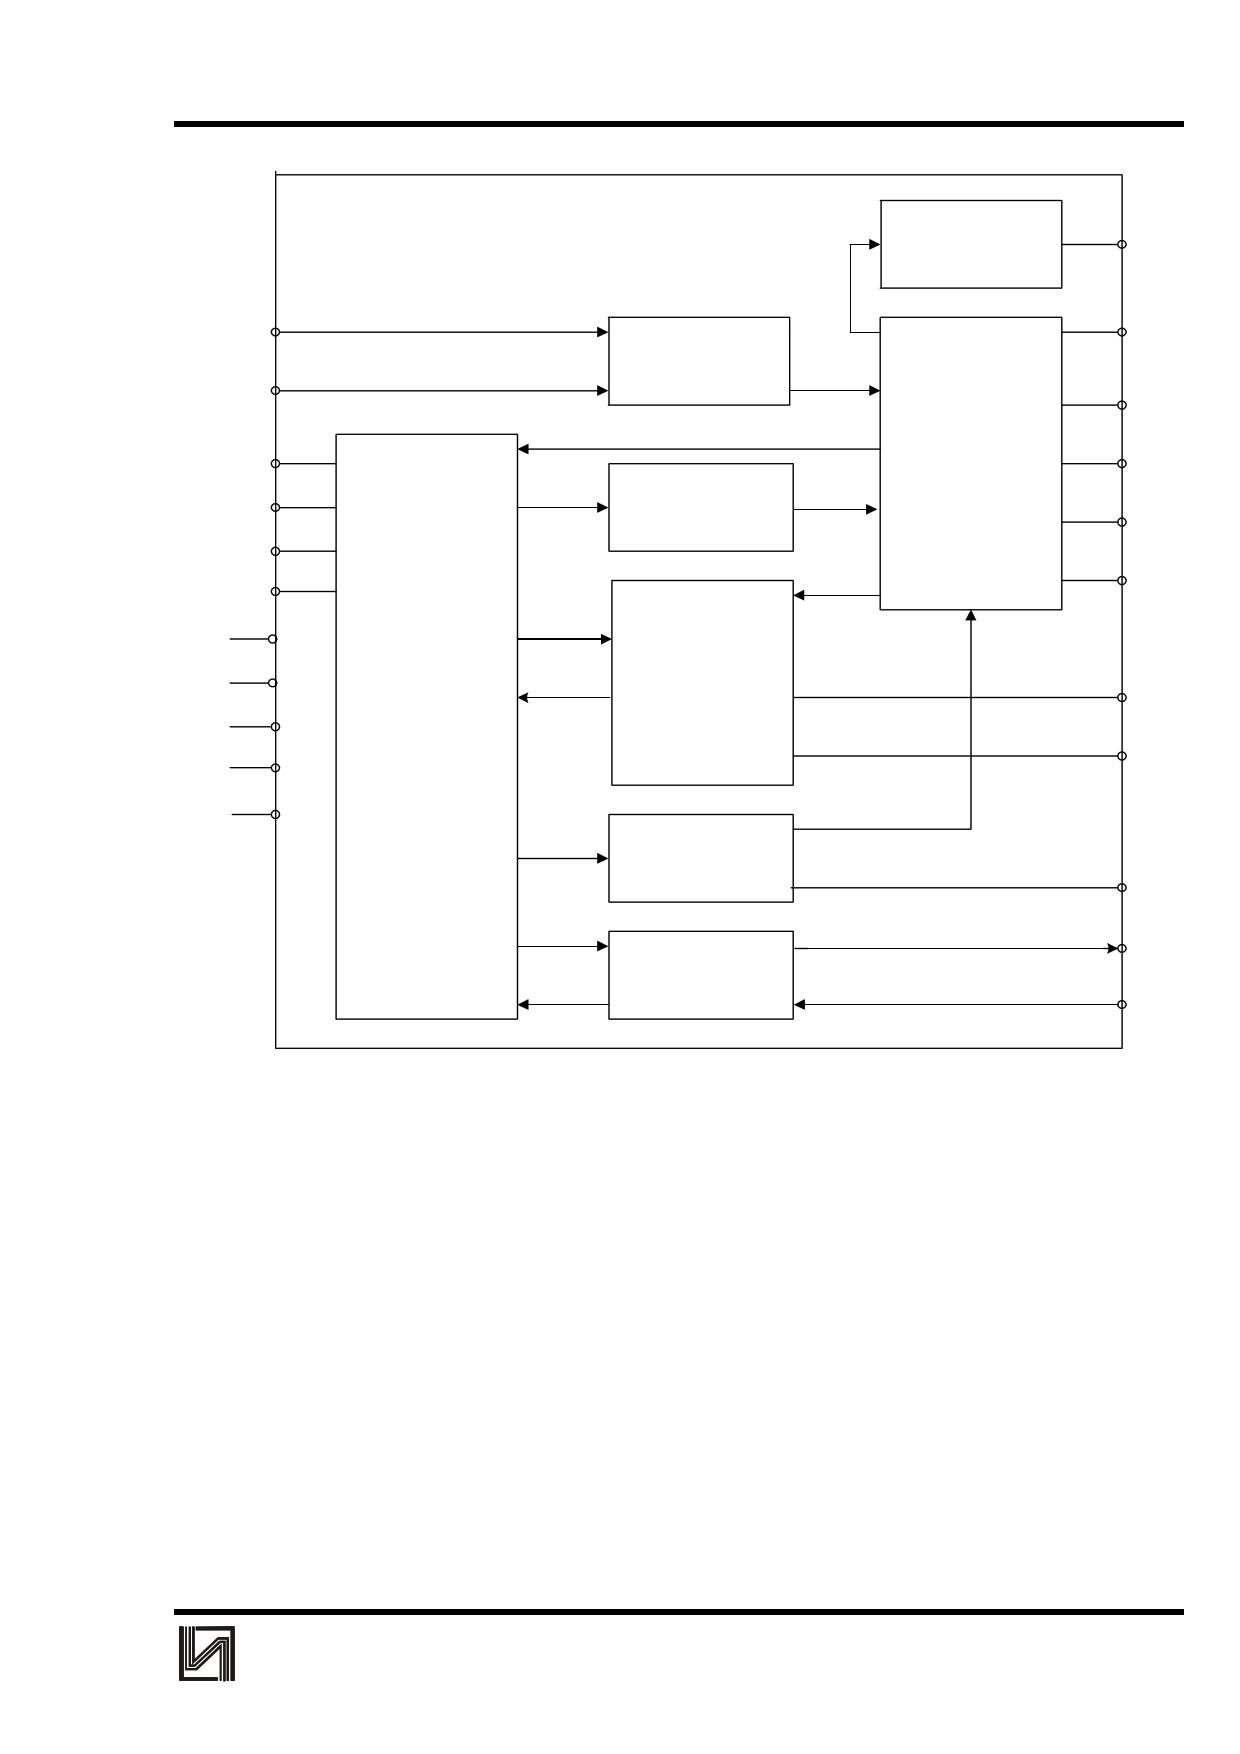 ILF3866N pdf, ピン配列